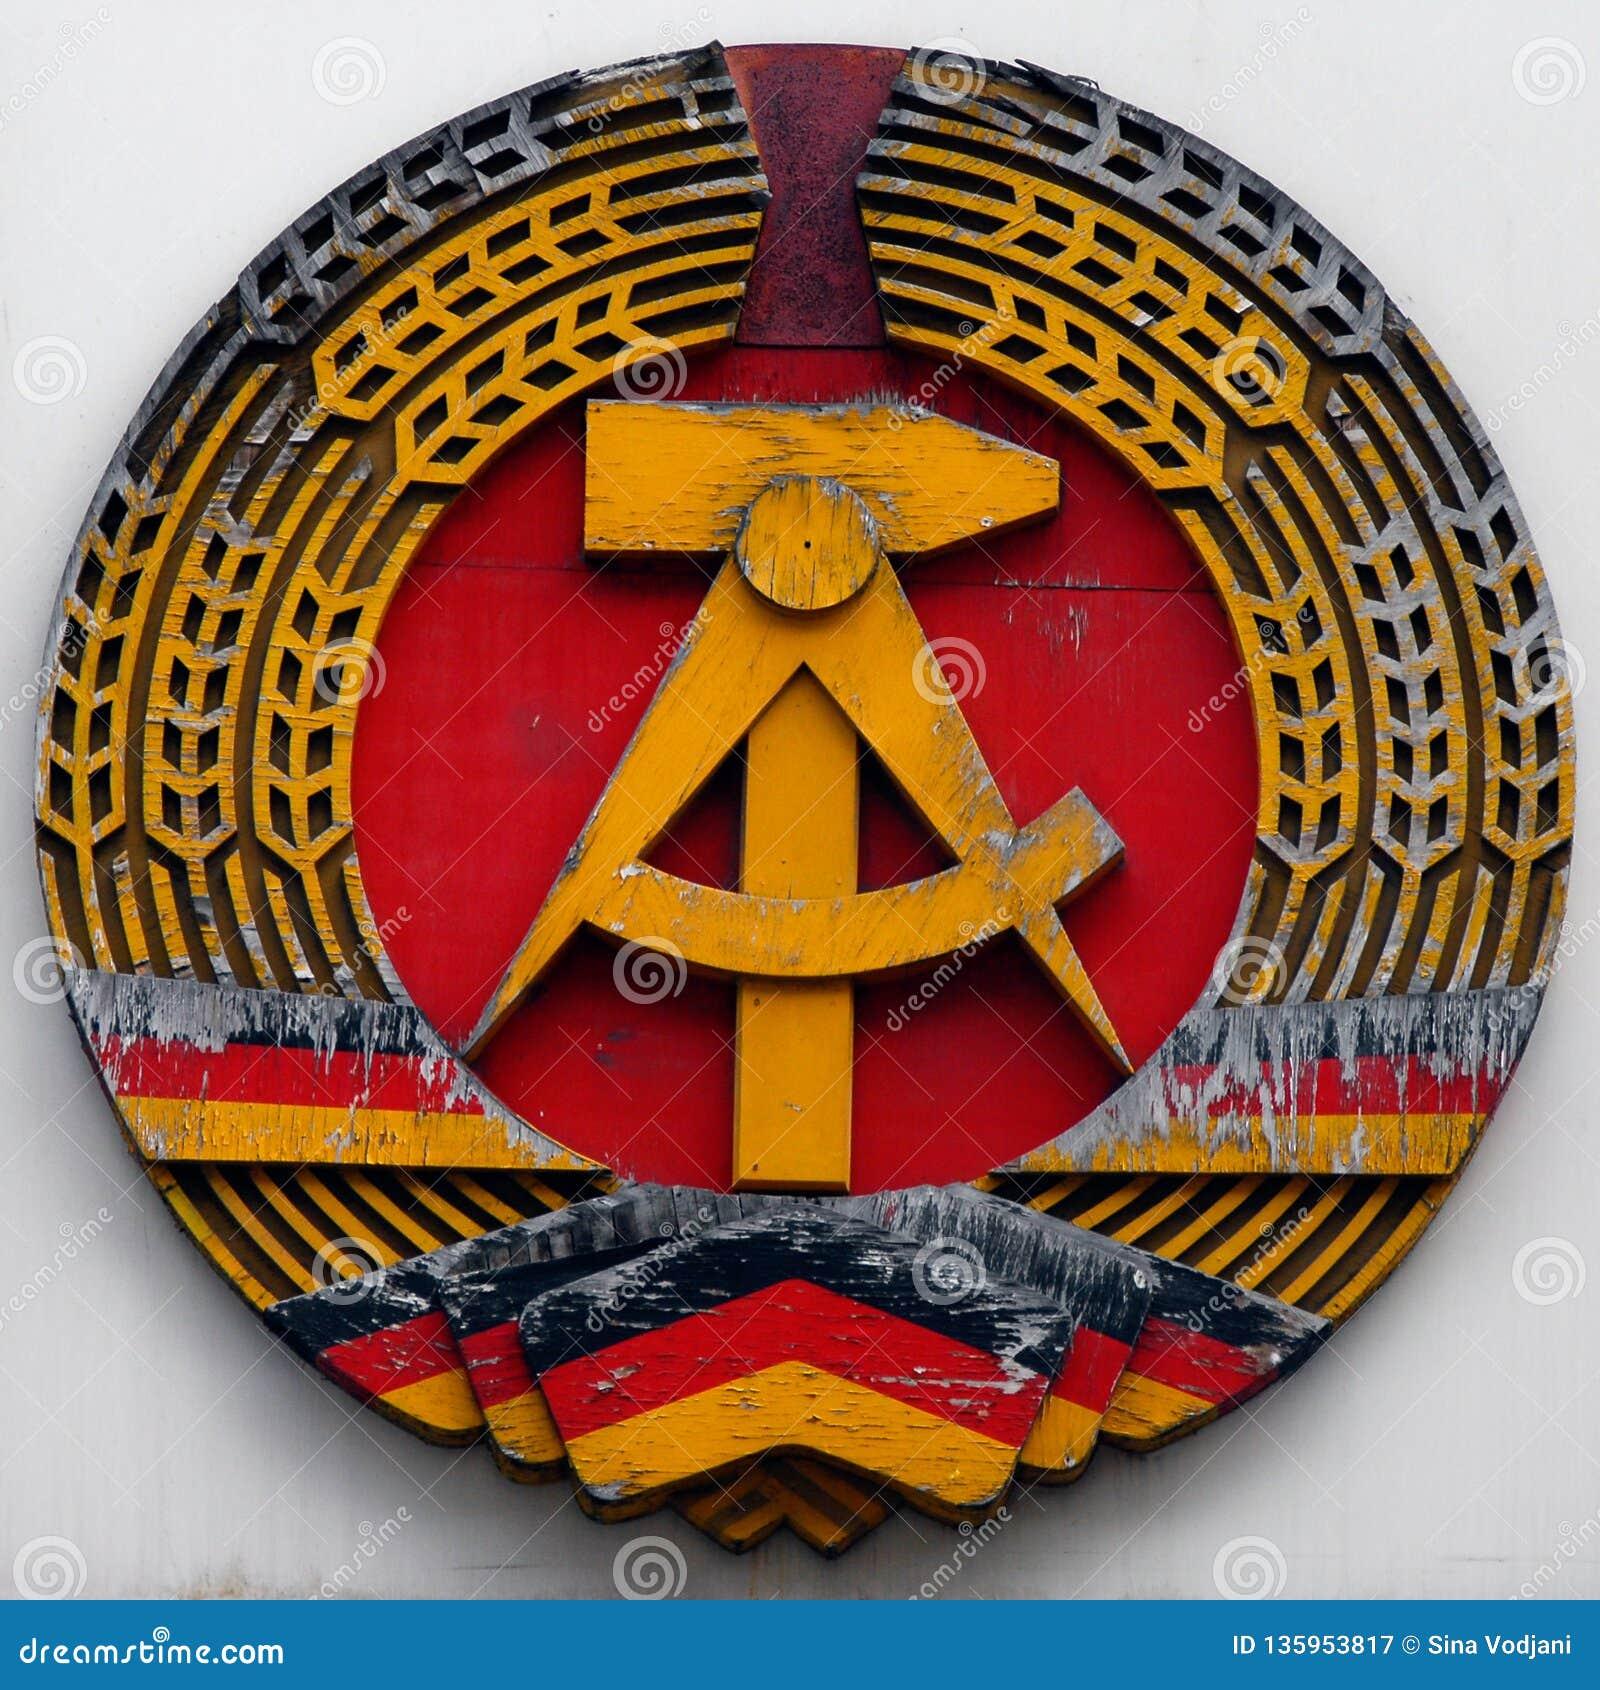 Marteau et cercle d emblème de la RDA Allemagne de l Est